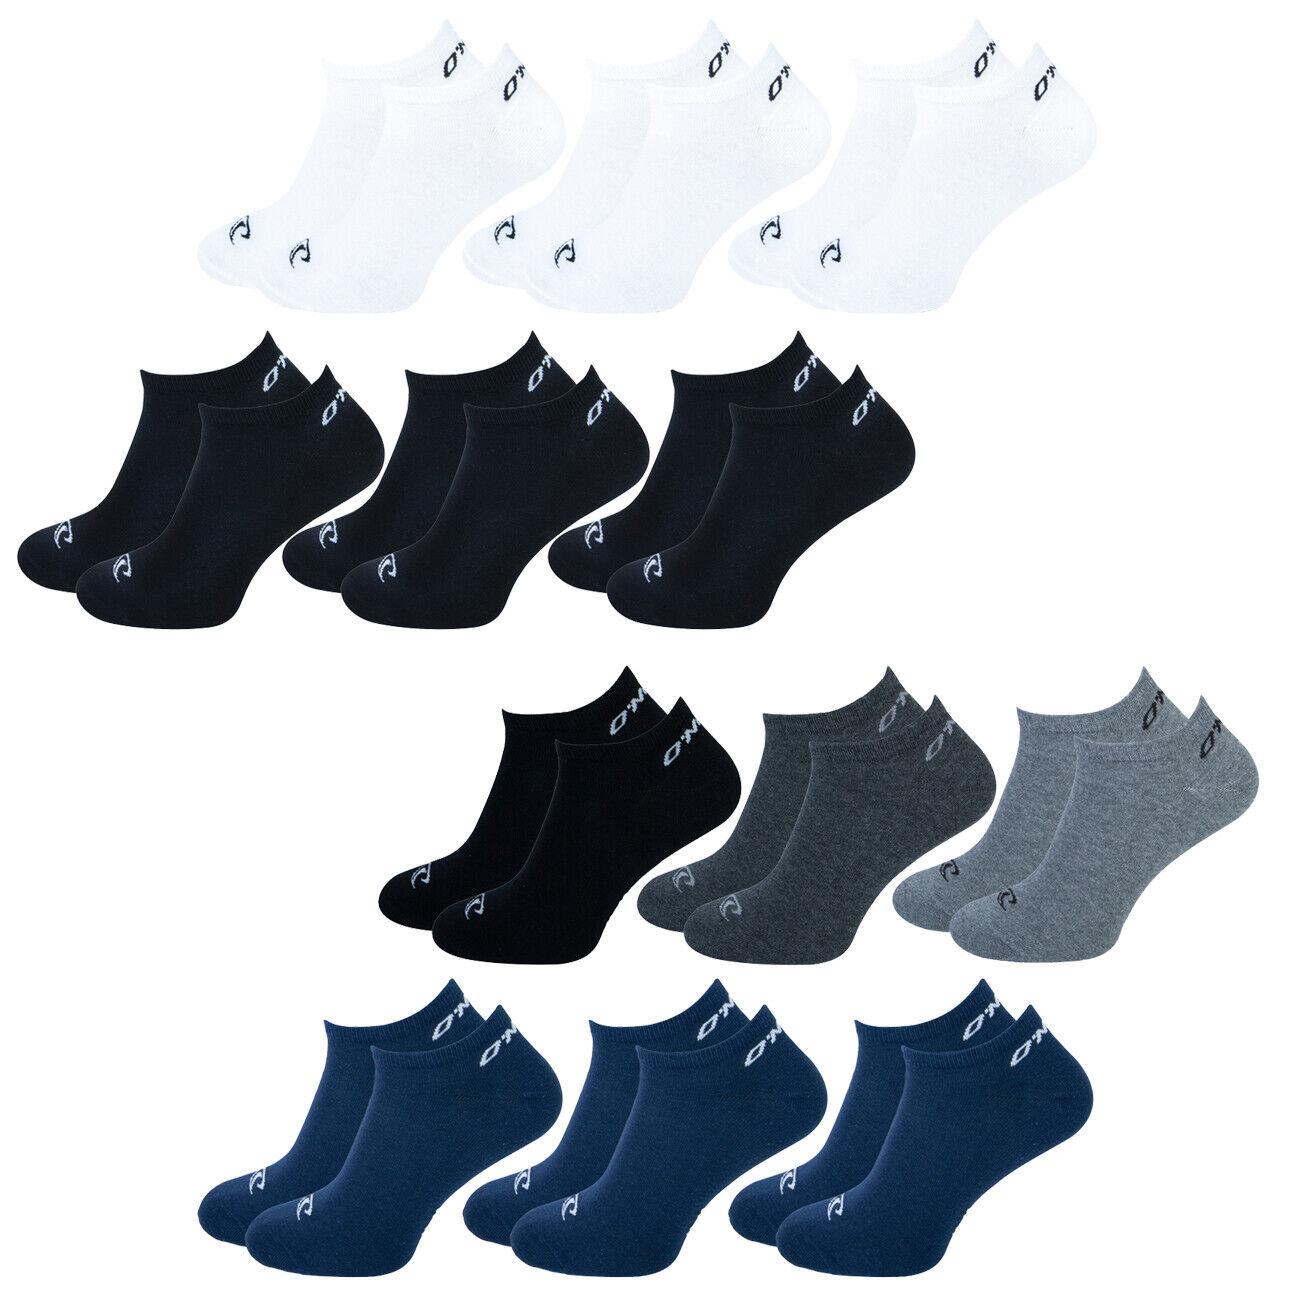 O'Neill Unisex Sneaker Socken 9er Pack 35-38 39-42 43-46 Schwarz Weiß Blau Mix